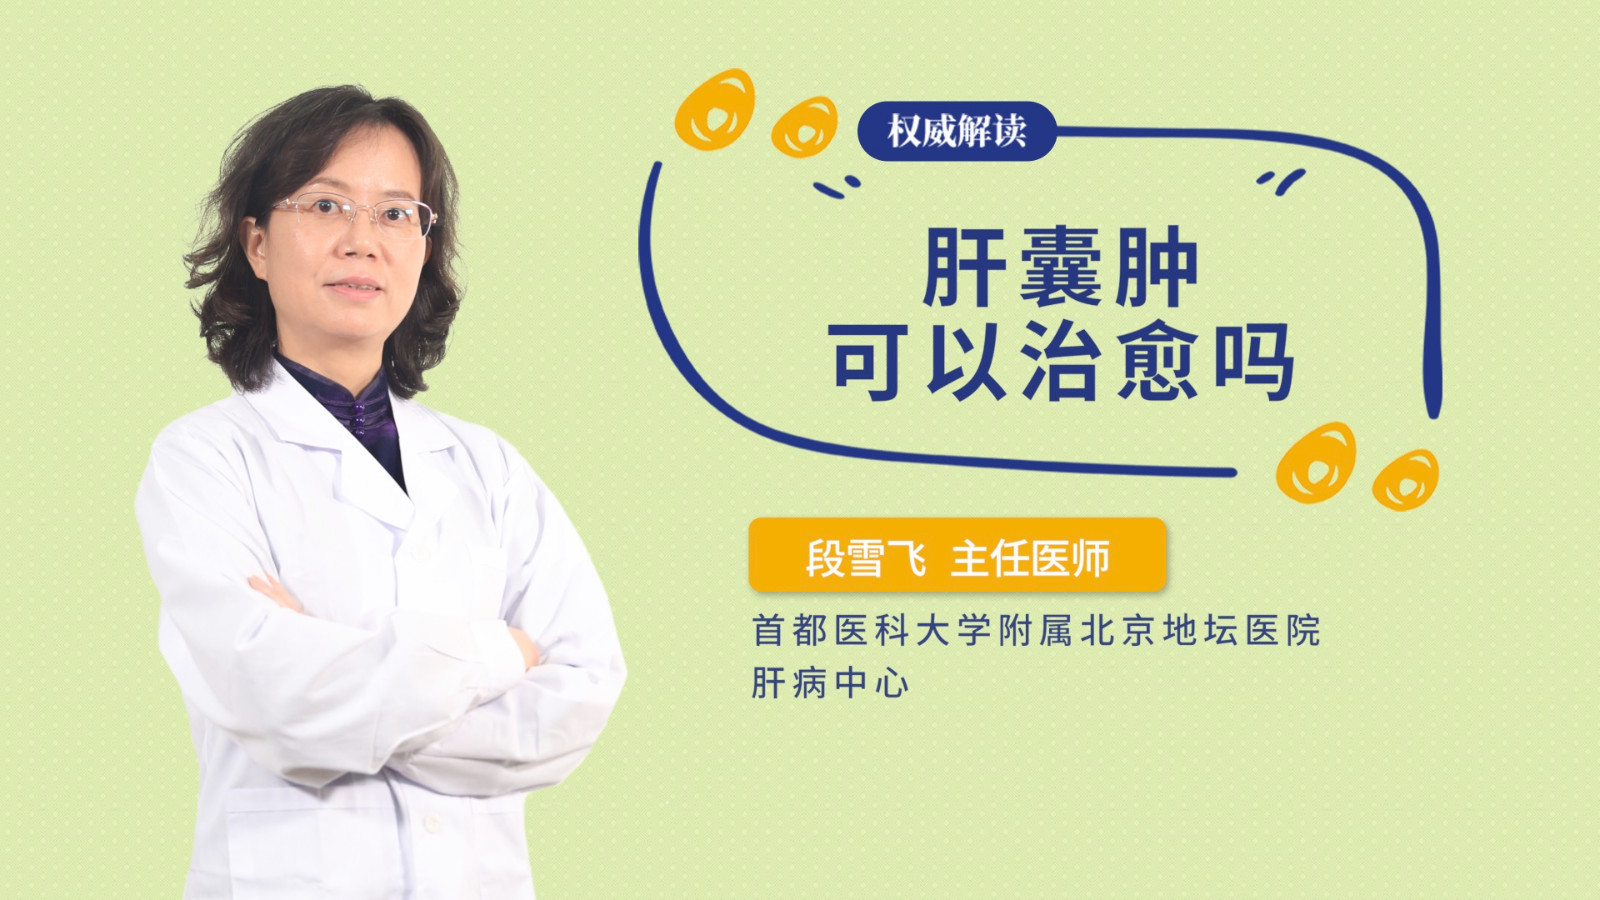 肝囊肿可以治愈吗